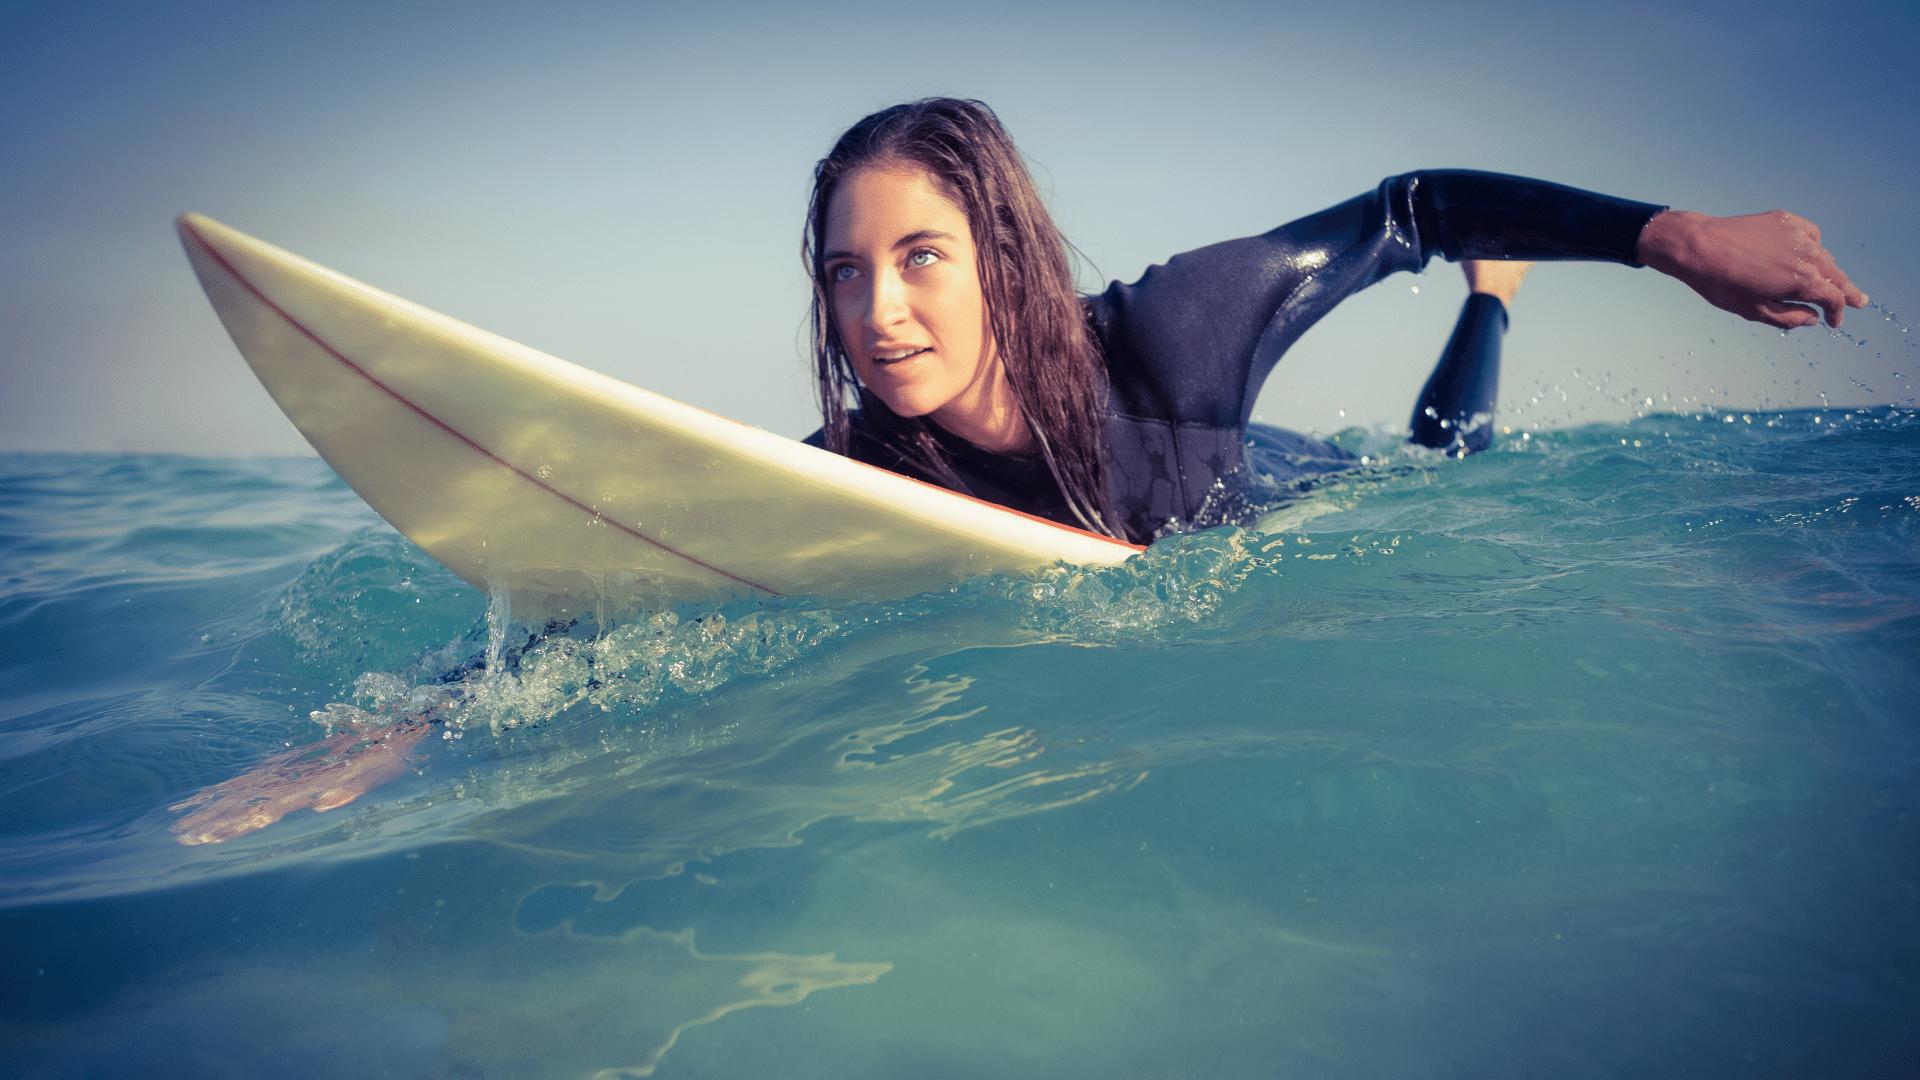 So bekommst du mehr Wellen beim Surfen mehr Wellen bekommen Welle anpaddeln